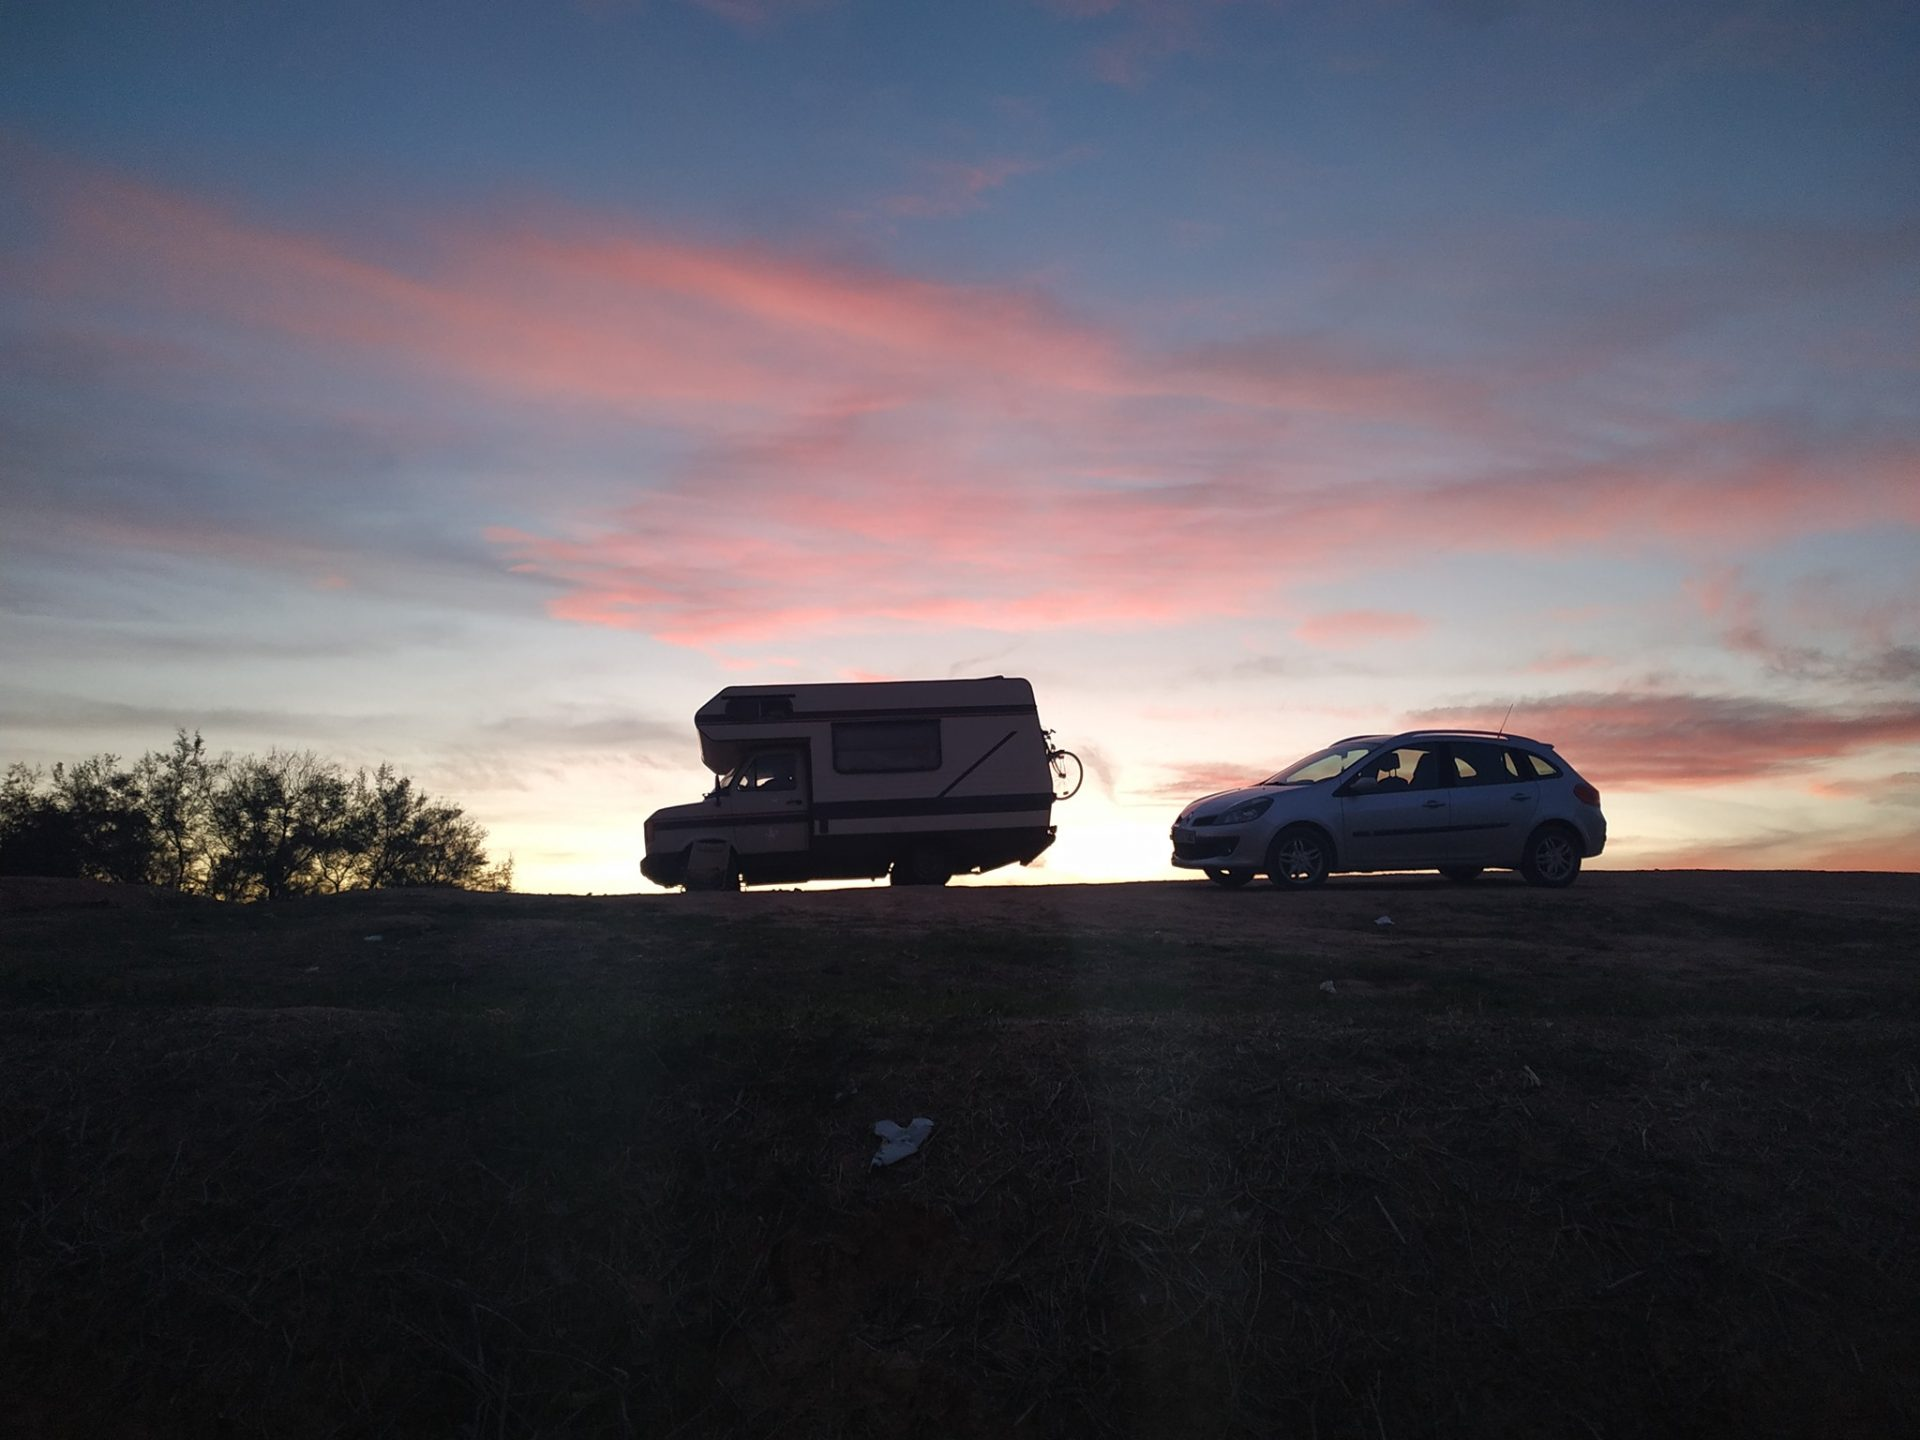 Parce qu'on revenait fripés, ravis et pieds nus des sources chaudes de Santa Fe, en Andalousie. Un lieu pas indiqué sur les cartes et perdu entre des tapis d'oliviers. Photo Jeanne Fichou